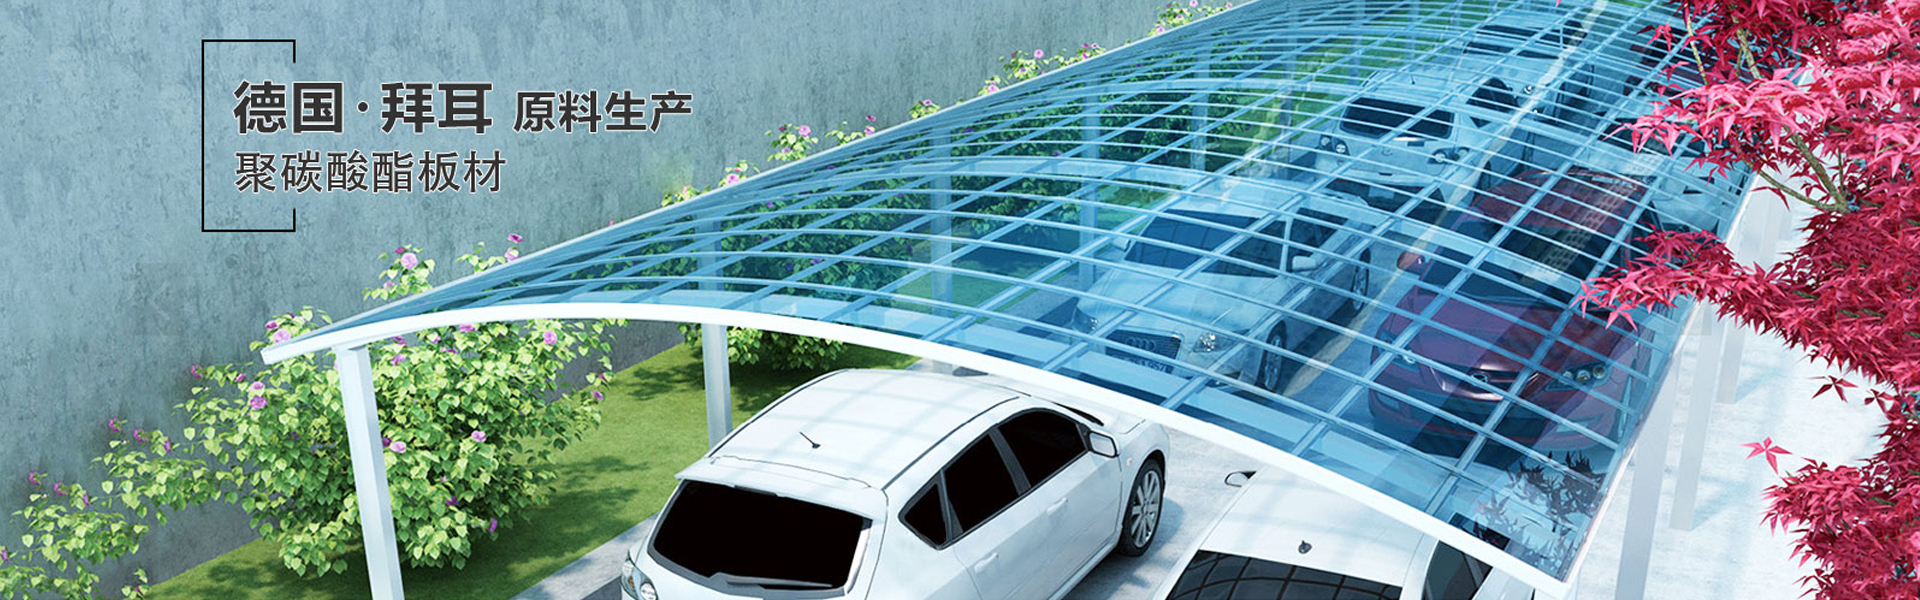 西安阳光板,西安耐力板,陕西耐力板,西安阳光板厂家,陕西阳光板